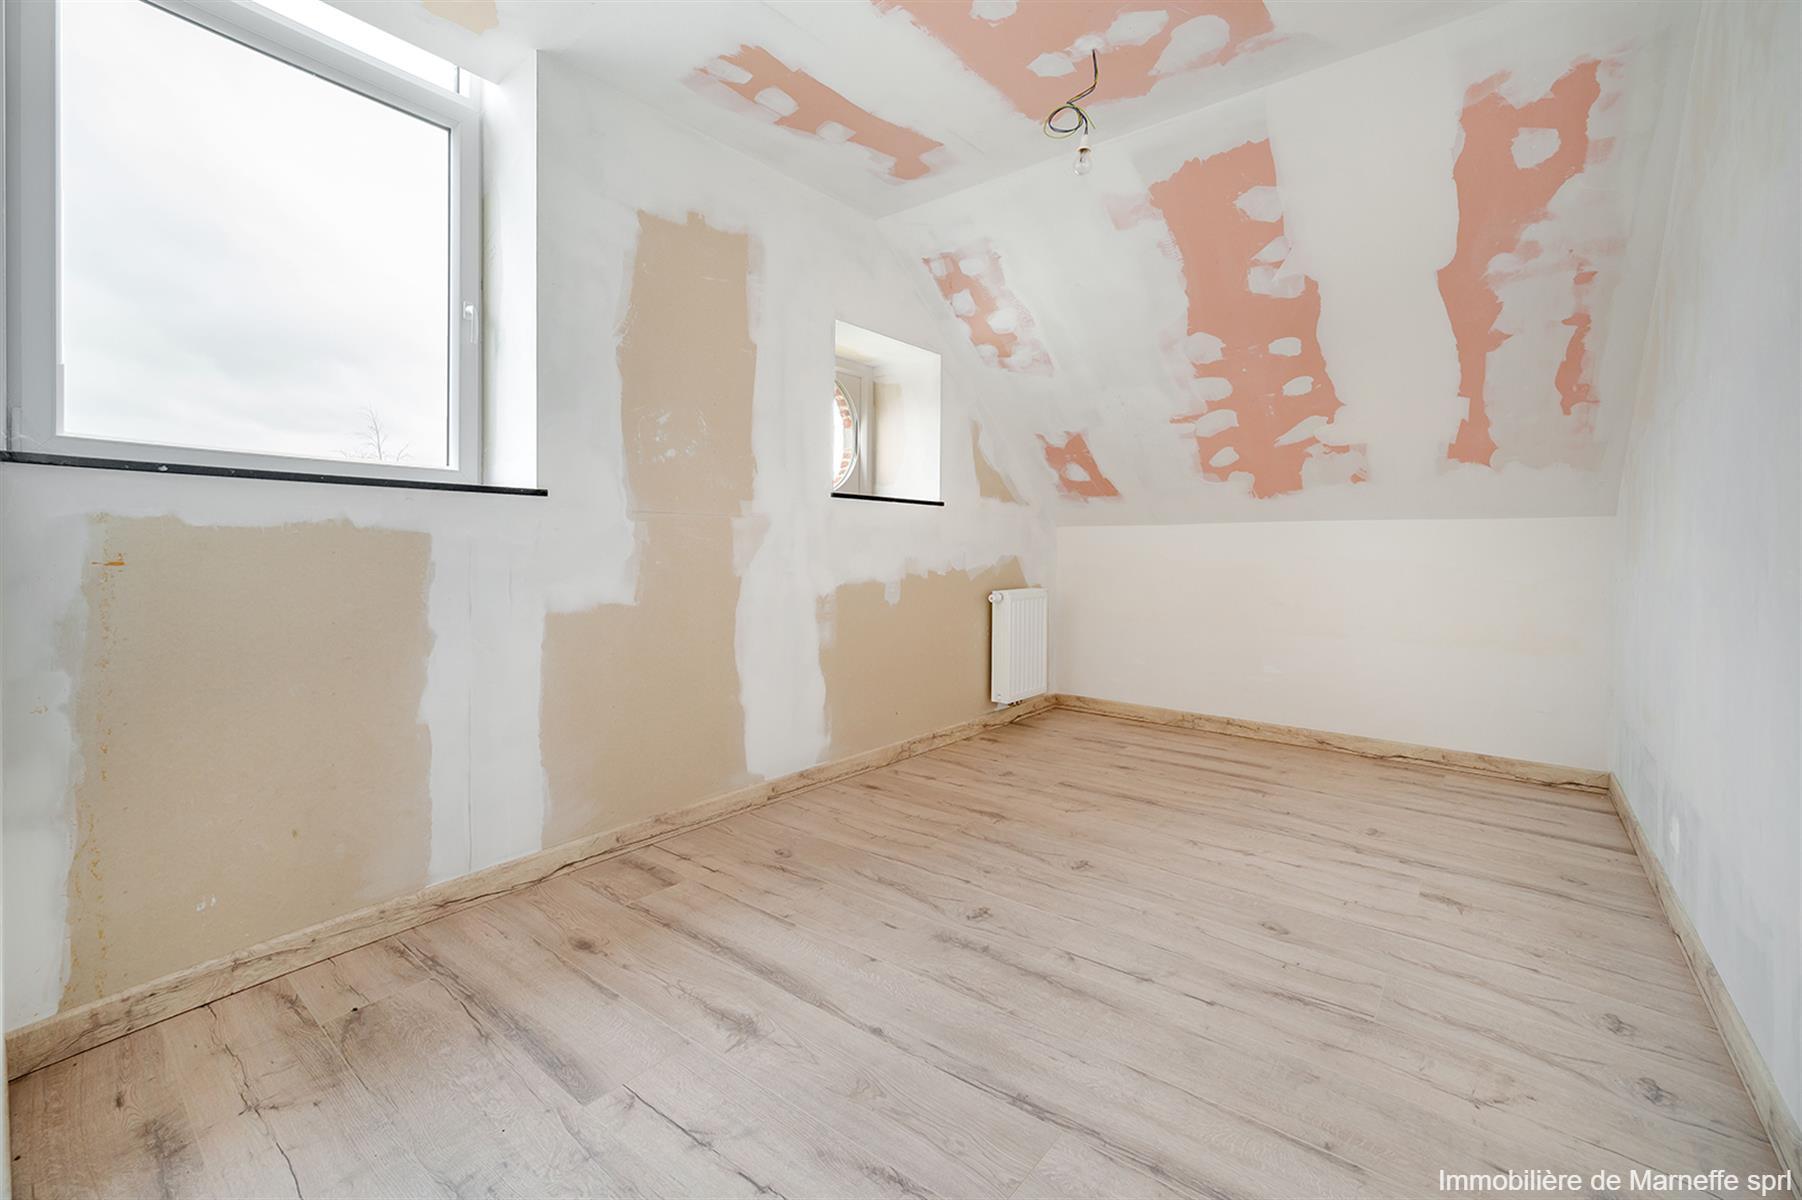 Maison - Grâce-Hollogne Velroux - #4214236-17